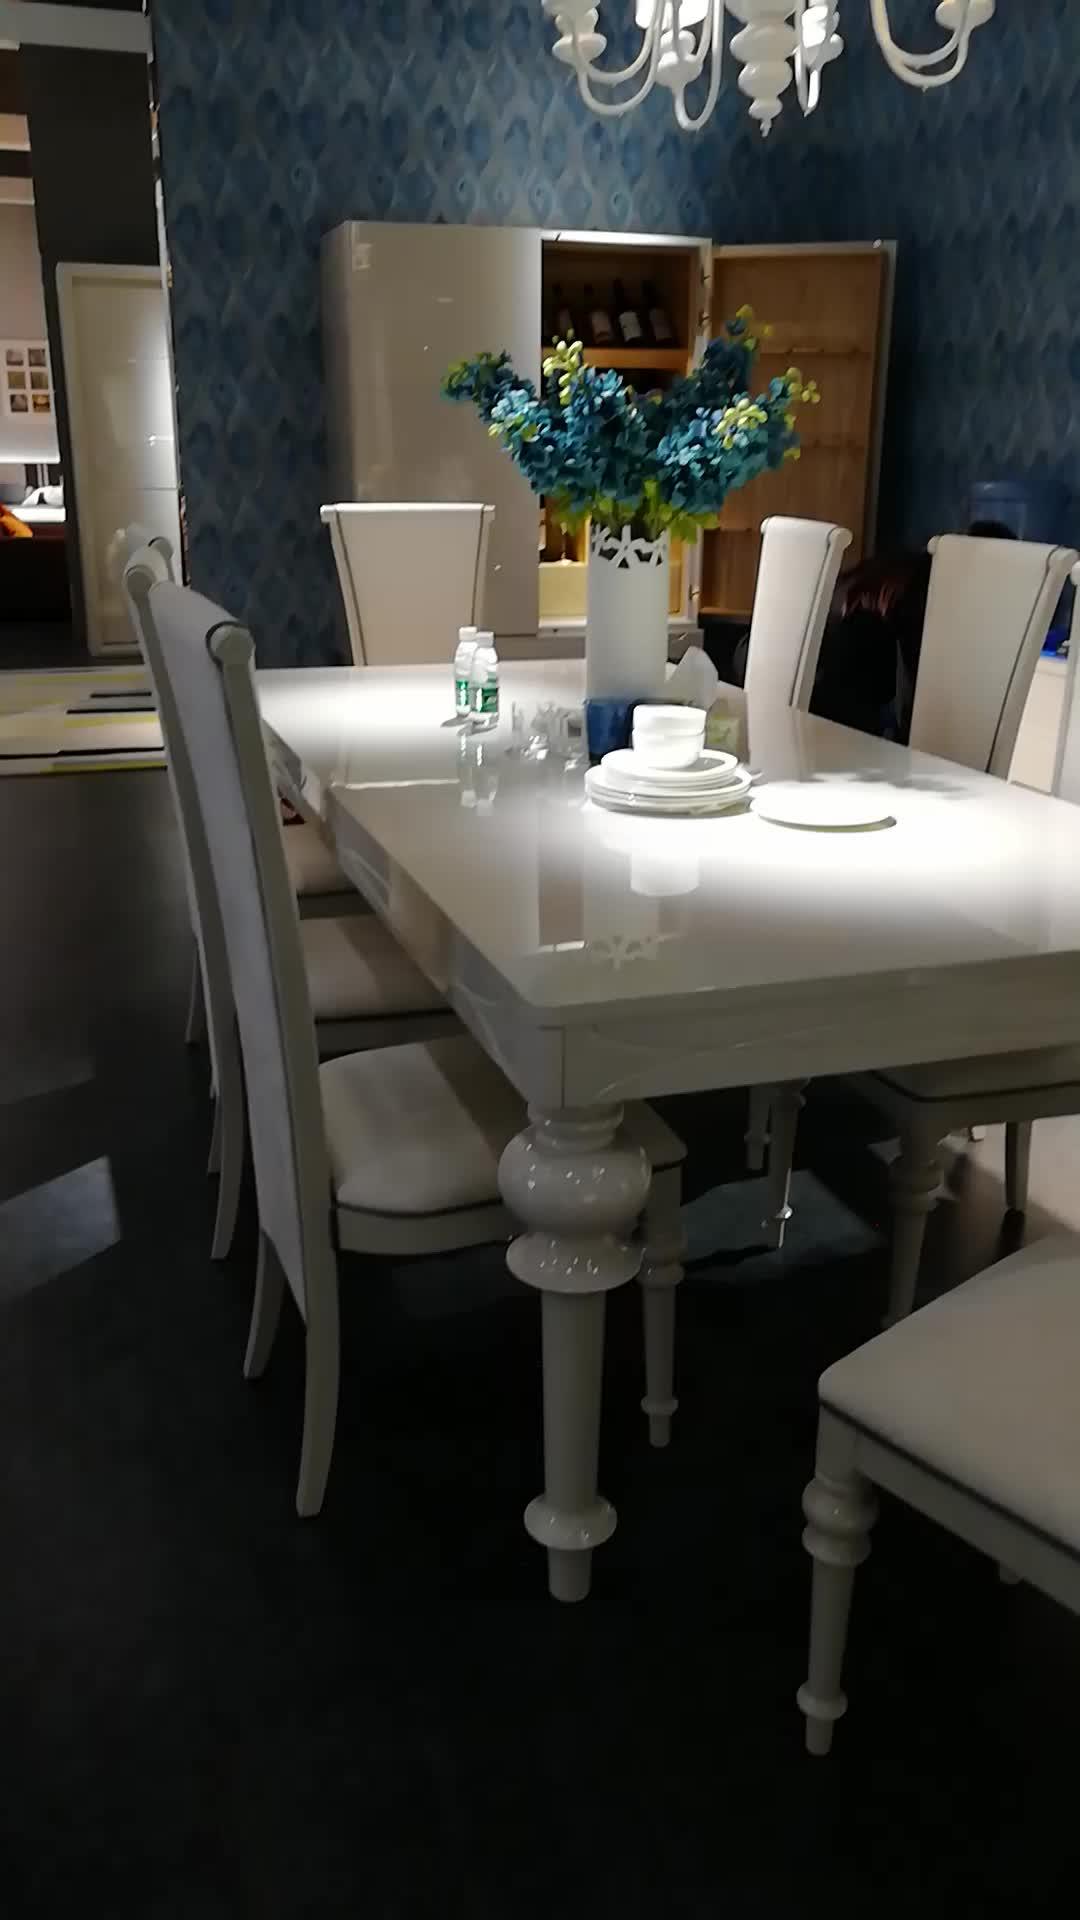 Современный обеденный стол набор деревянная/столовая мебель набор стола/современный домашний качественный обеденный стол